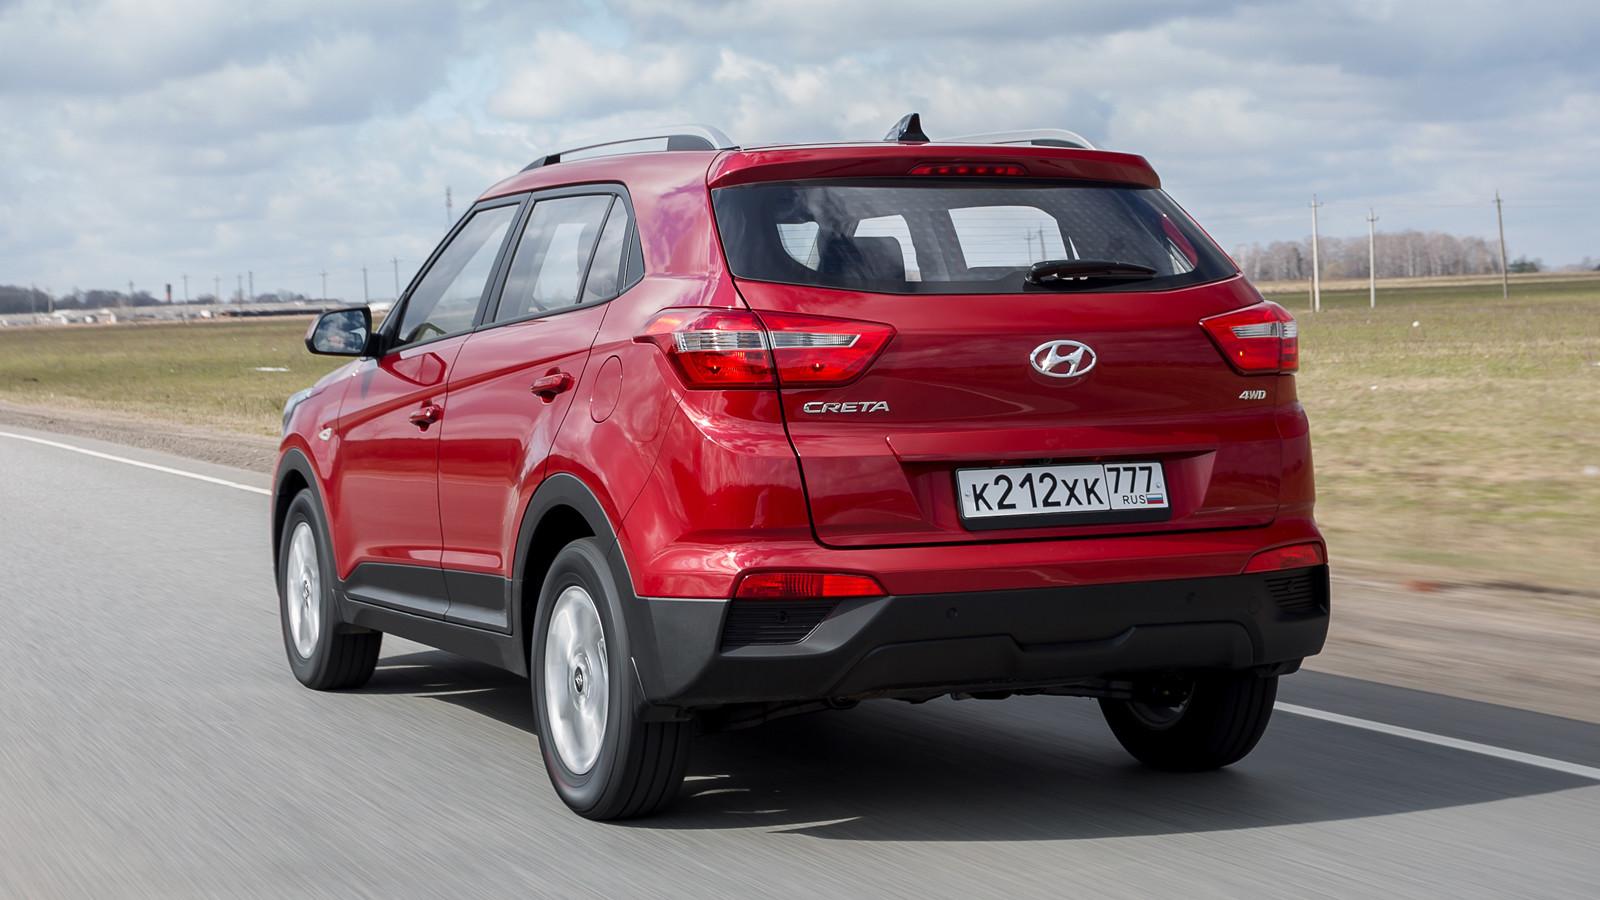 Hyundai начала продажи кроссовера Creta 2018 модельного года